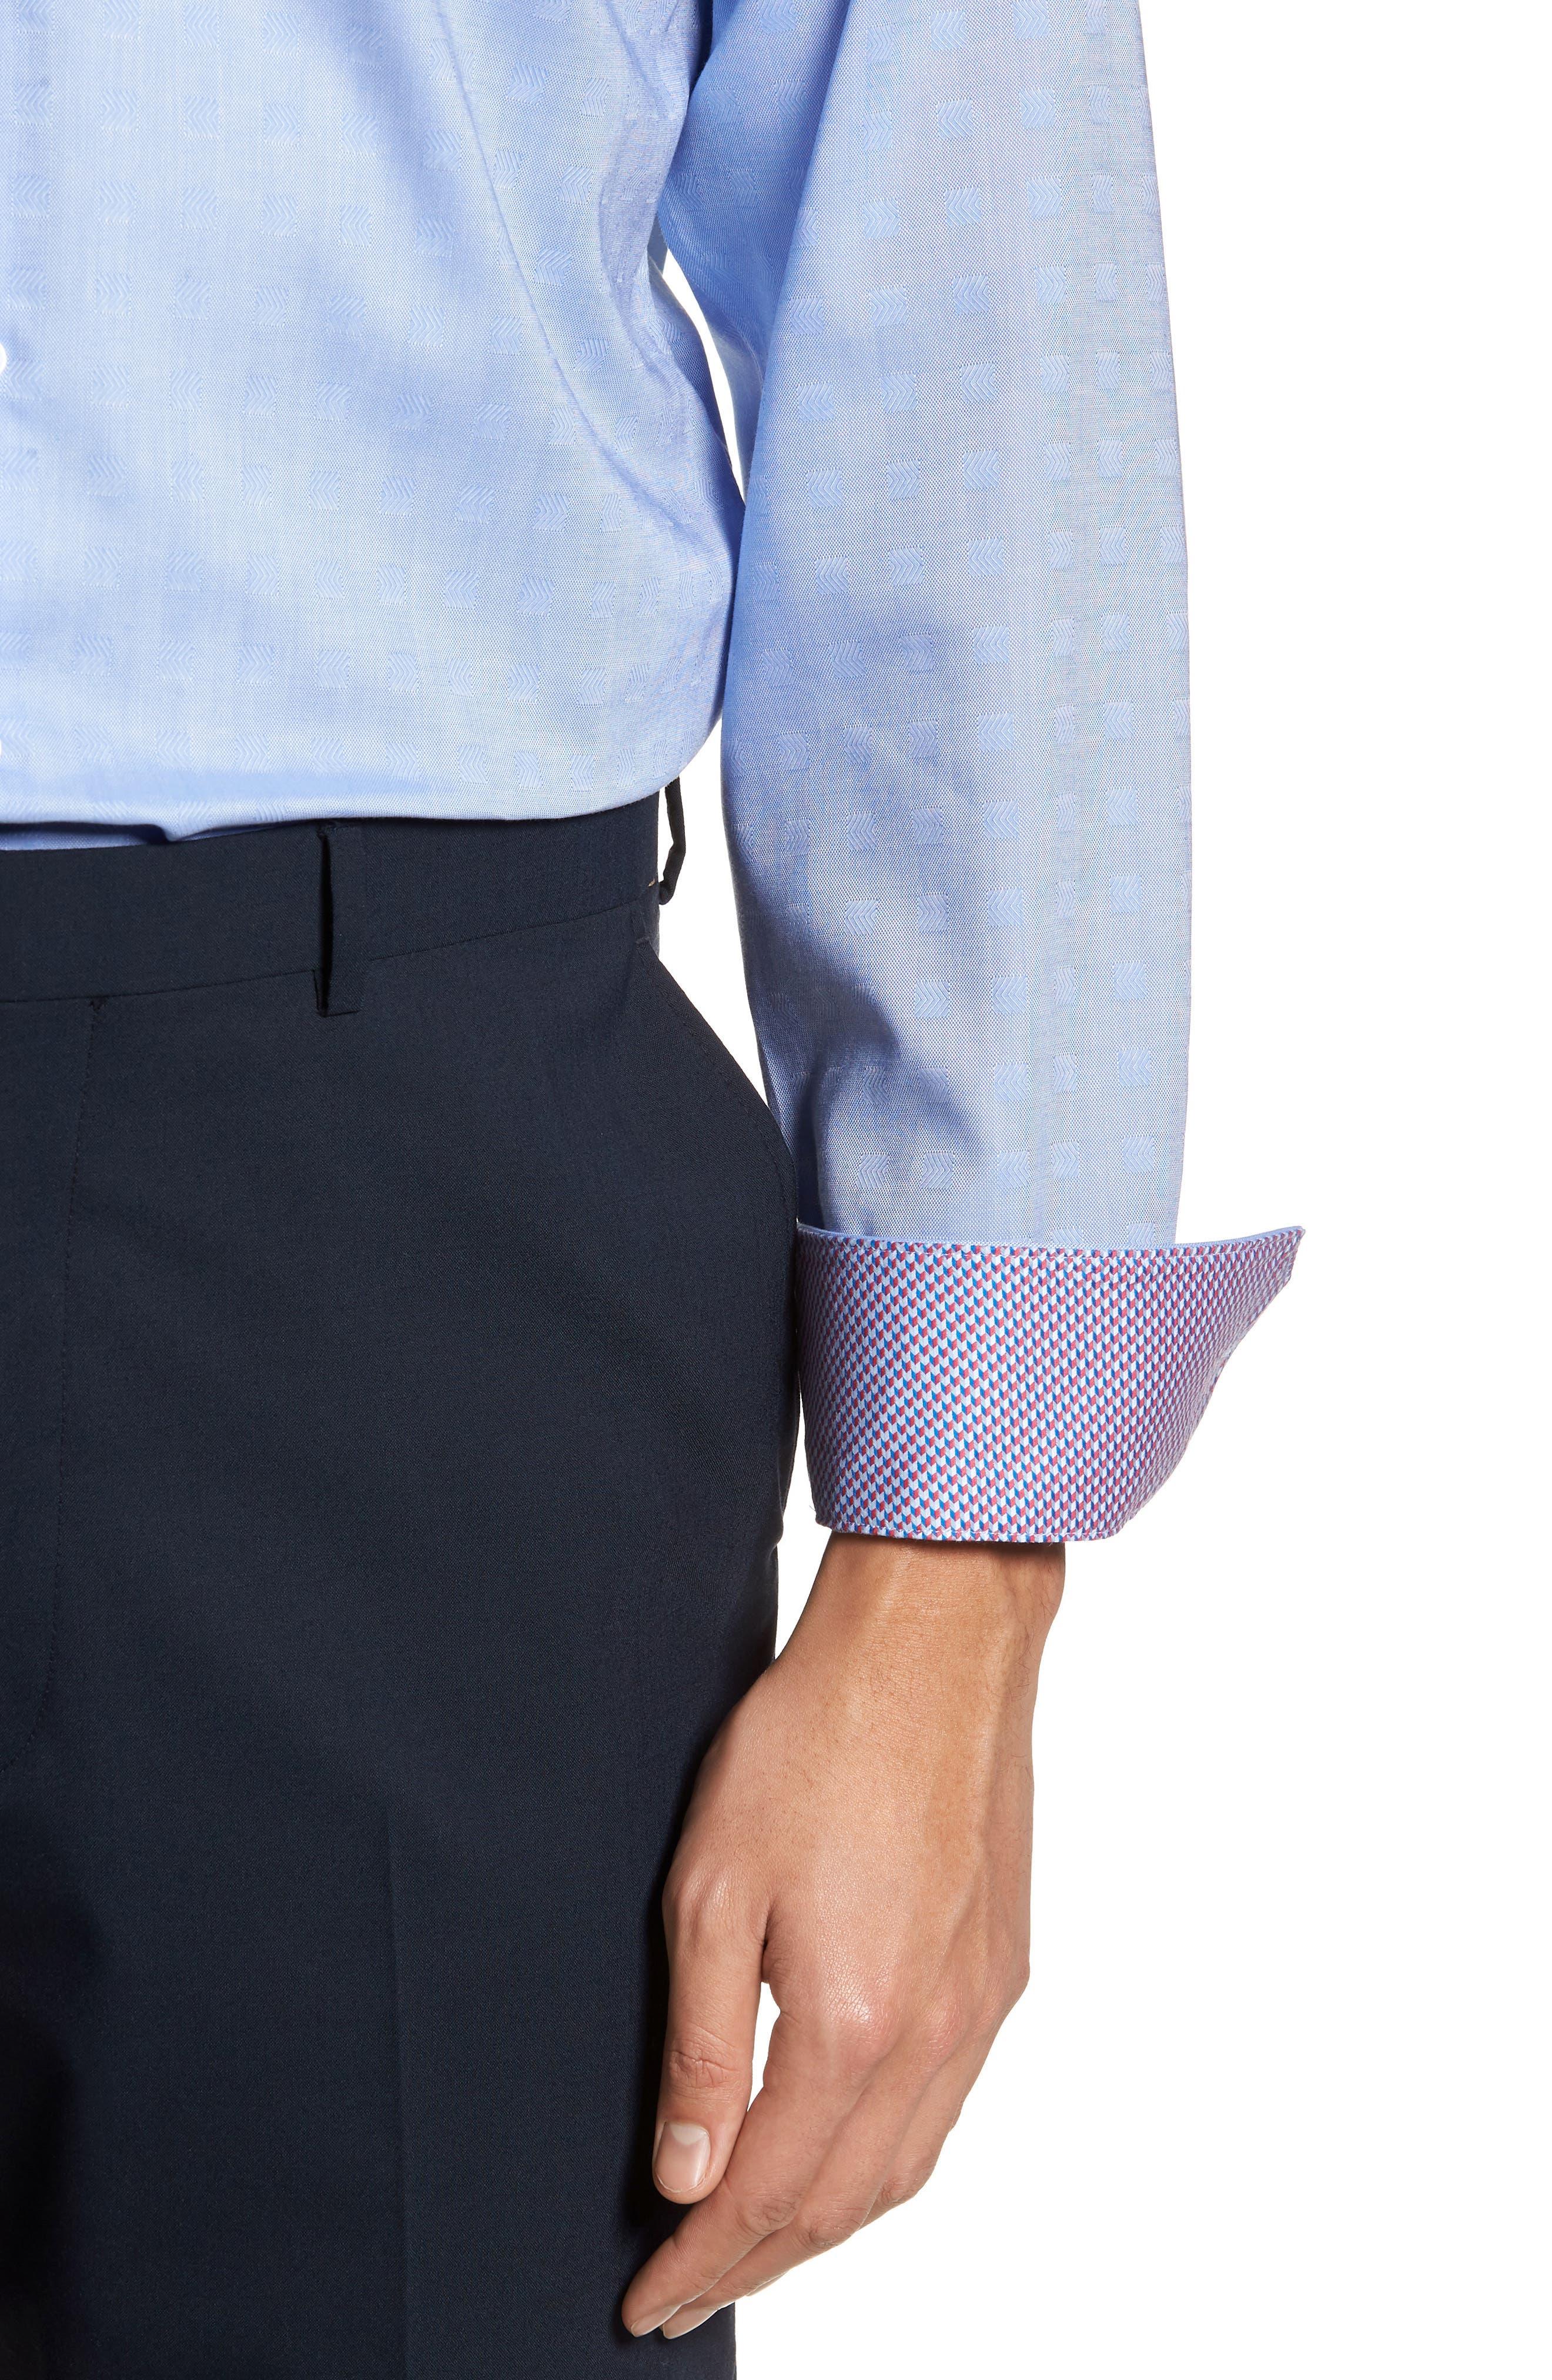 Ashur Trim Fit Solid Dress Shirt,                             Alternate thumbnail 2, color,                             Blue